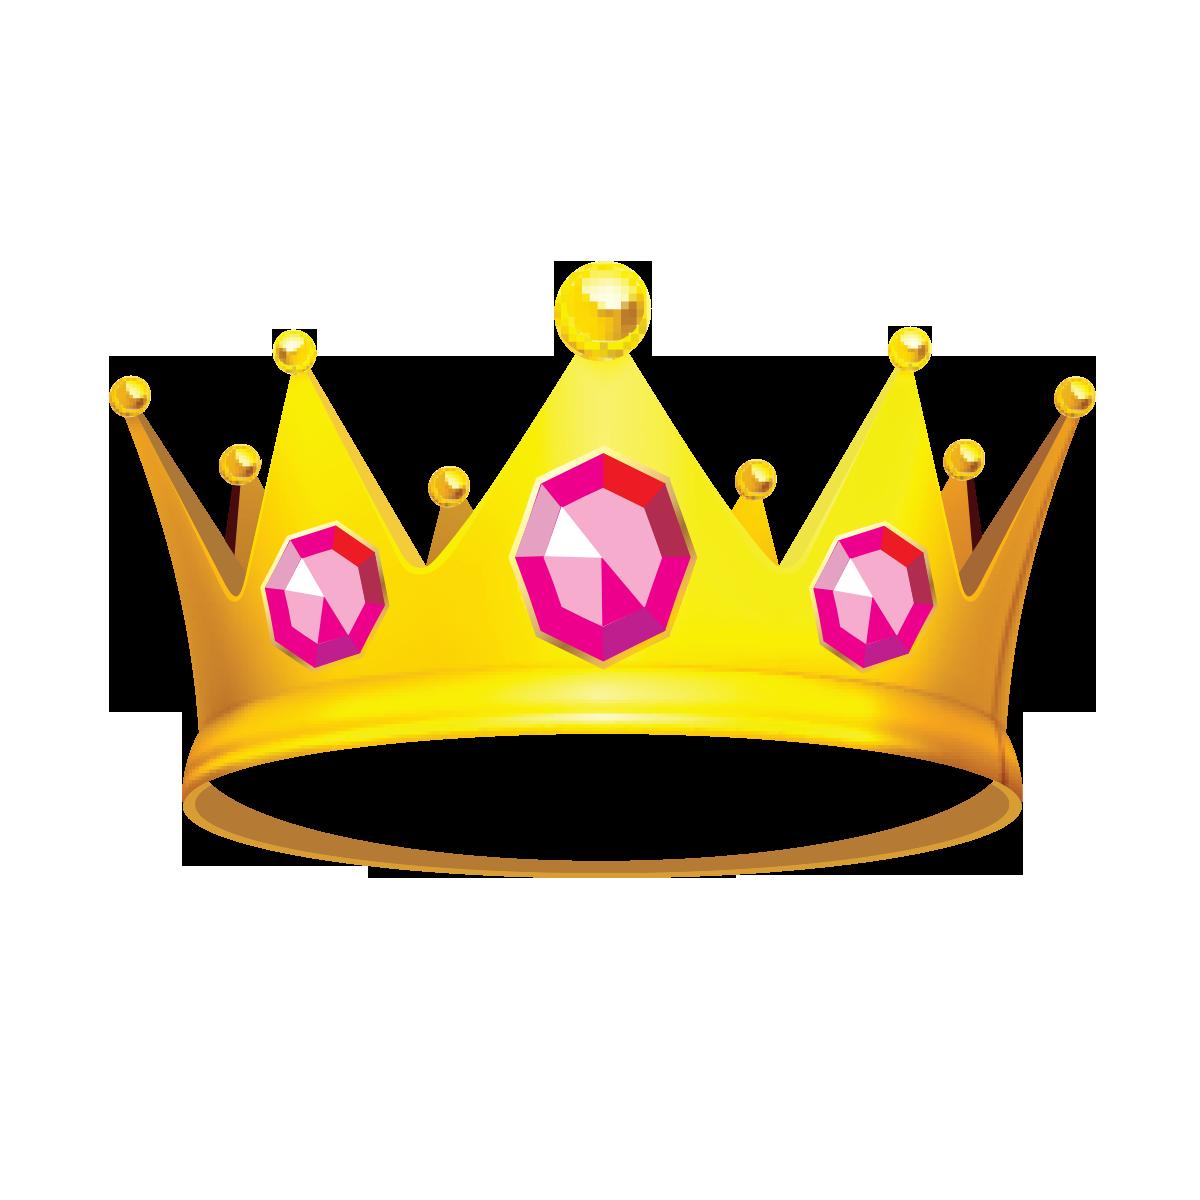 своей корона разноцветная картинки публикации что